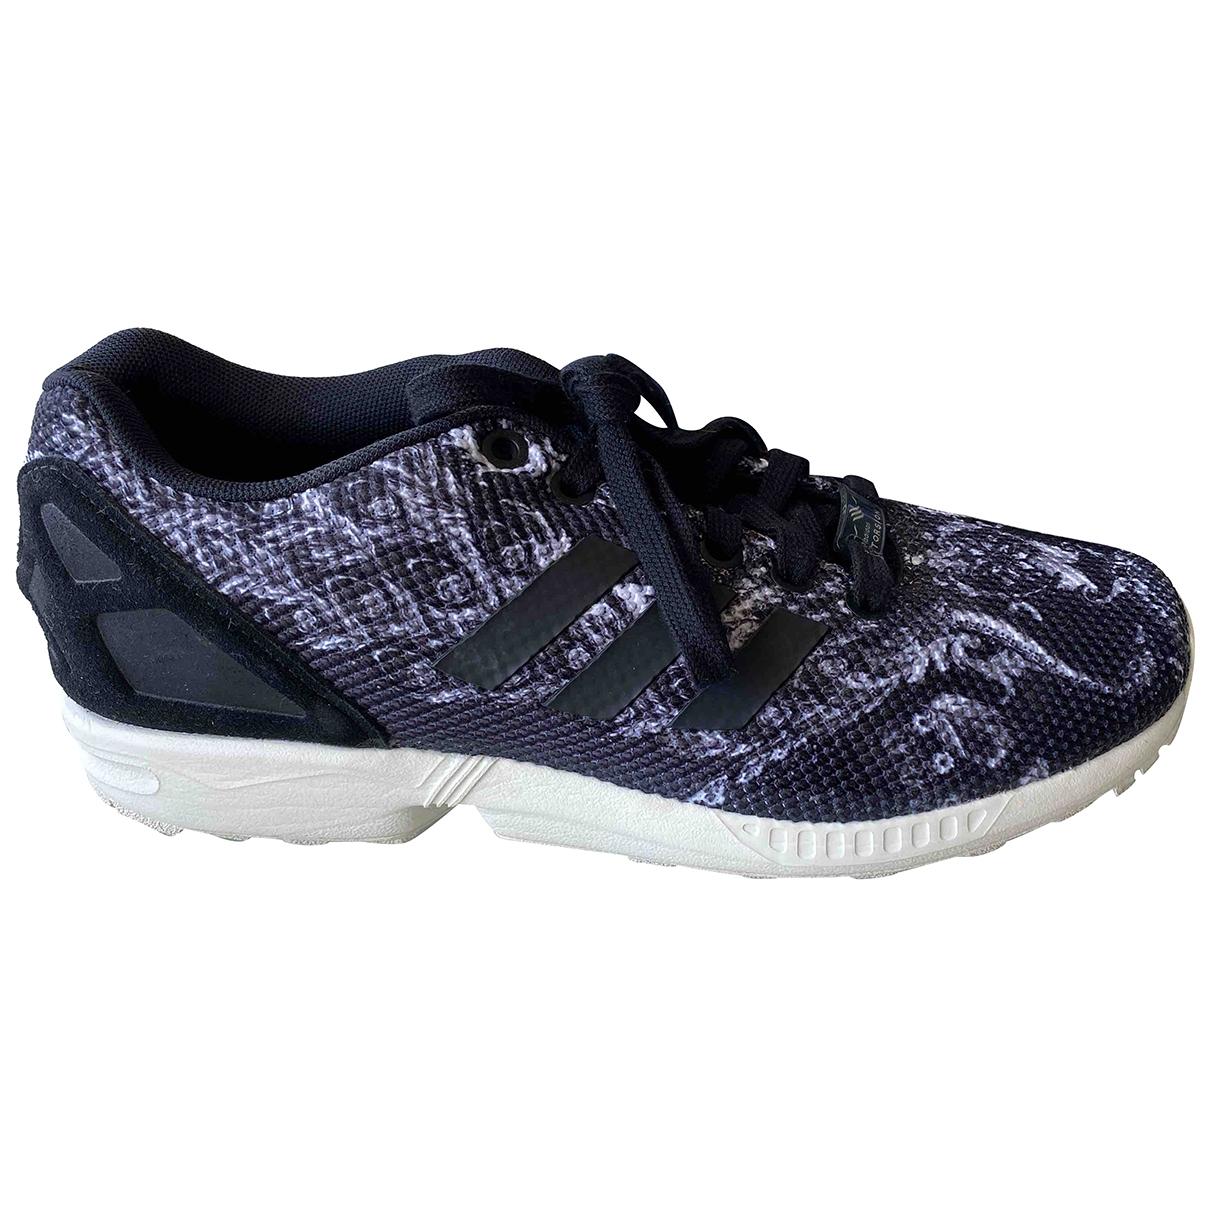 Adidas - Baskets ZX pour femme en toile - noir